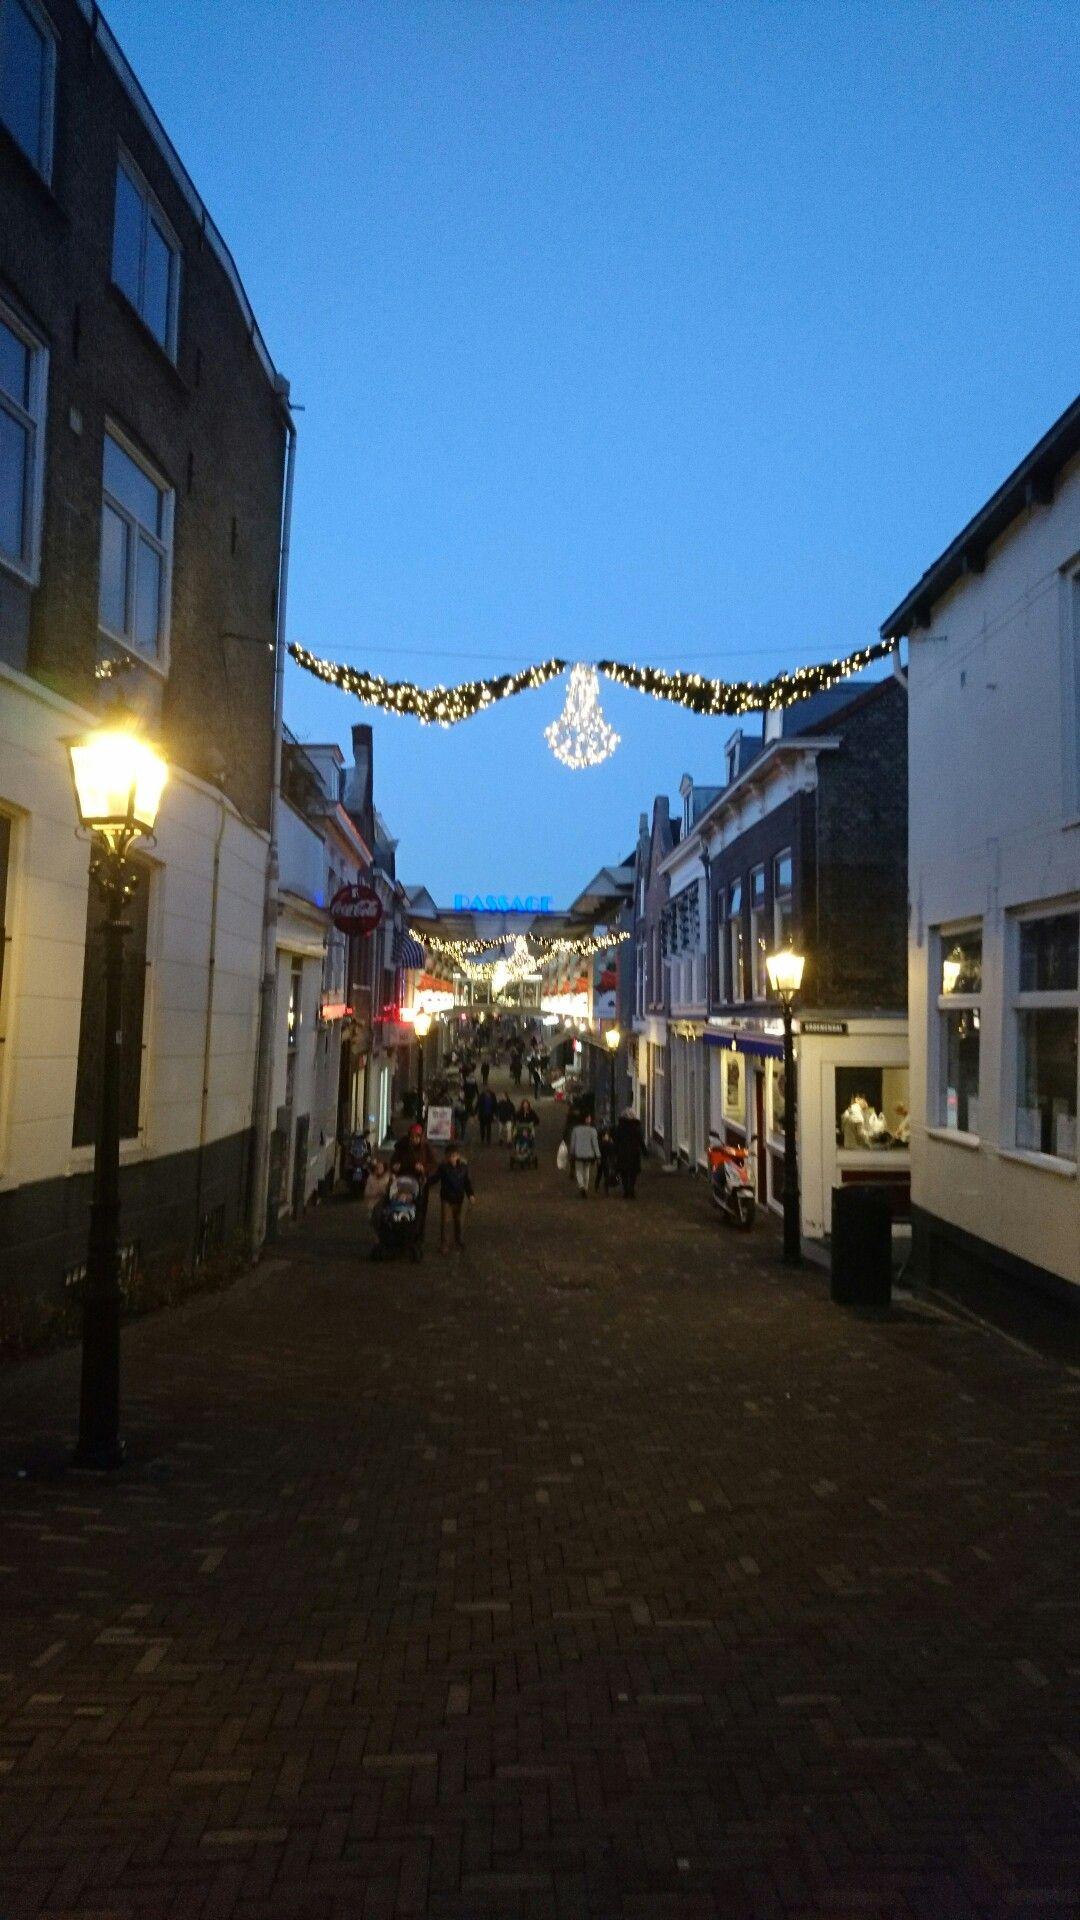 Afrol hoogstraat richting Broersveld, december 2016 Schiedam, mypic